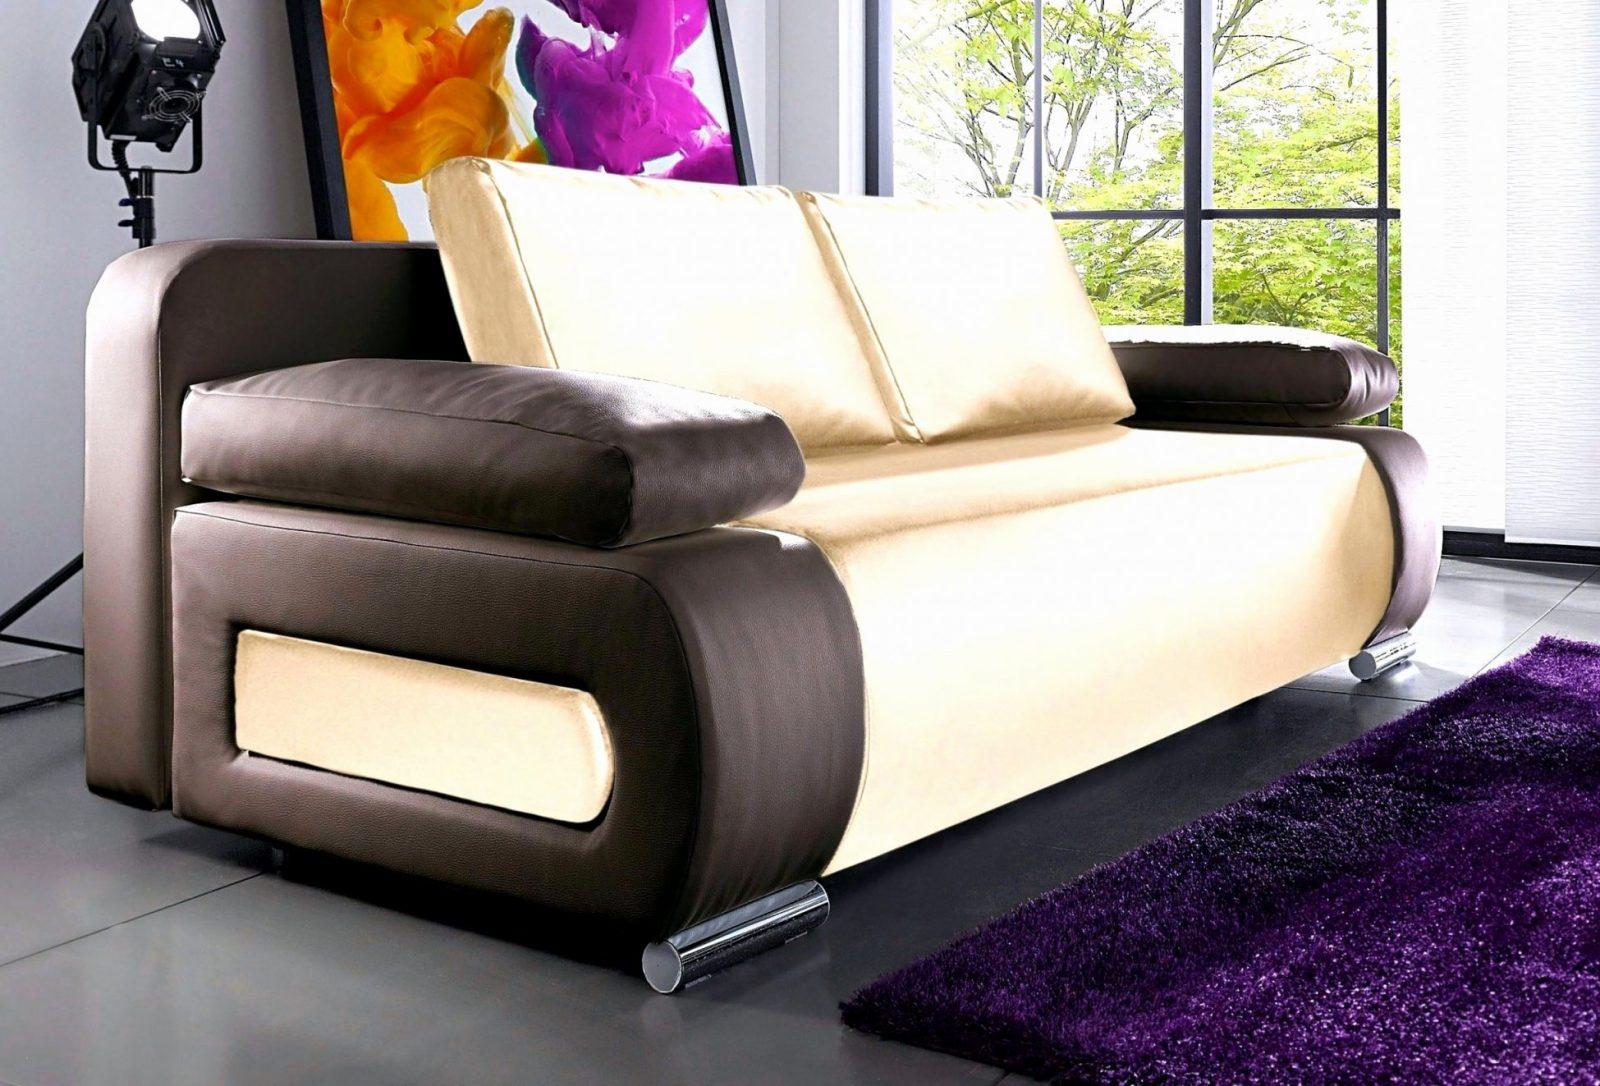 Auf Rechnung Arbeiten Archives  Keytotheosophy von Couch Auf Raten Kaufen Trotz Schufa Photo